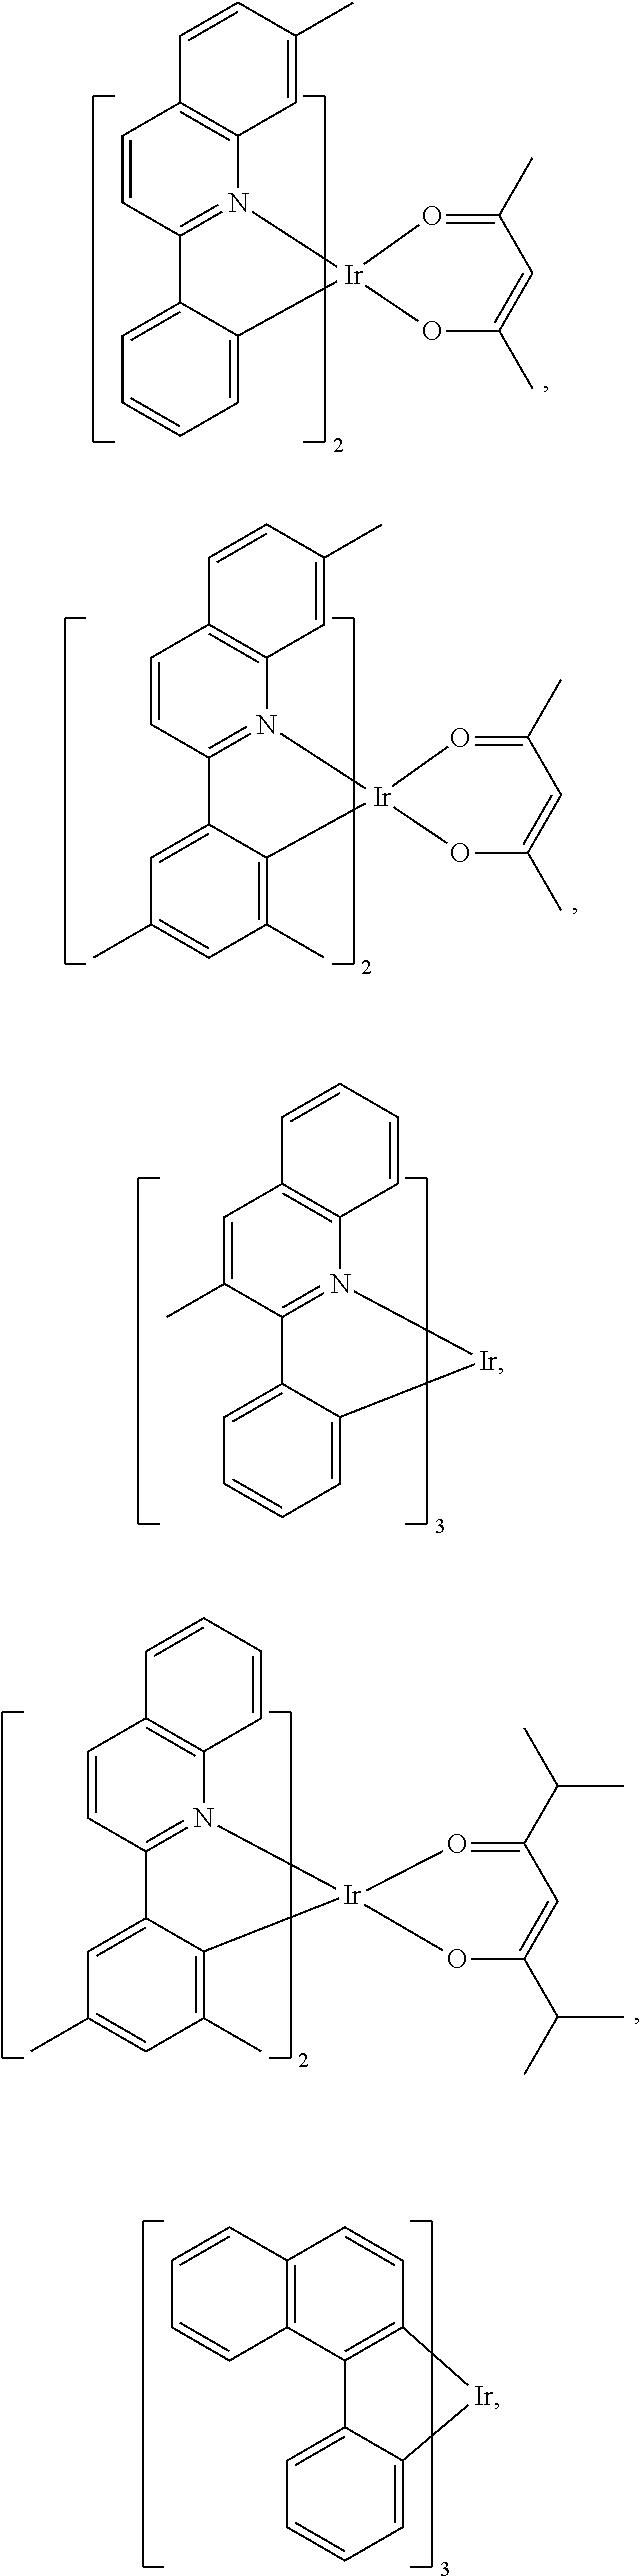 Figure US20190161504A1-20190530-C00061